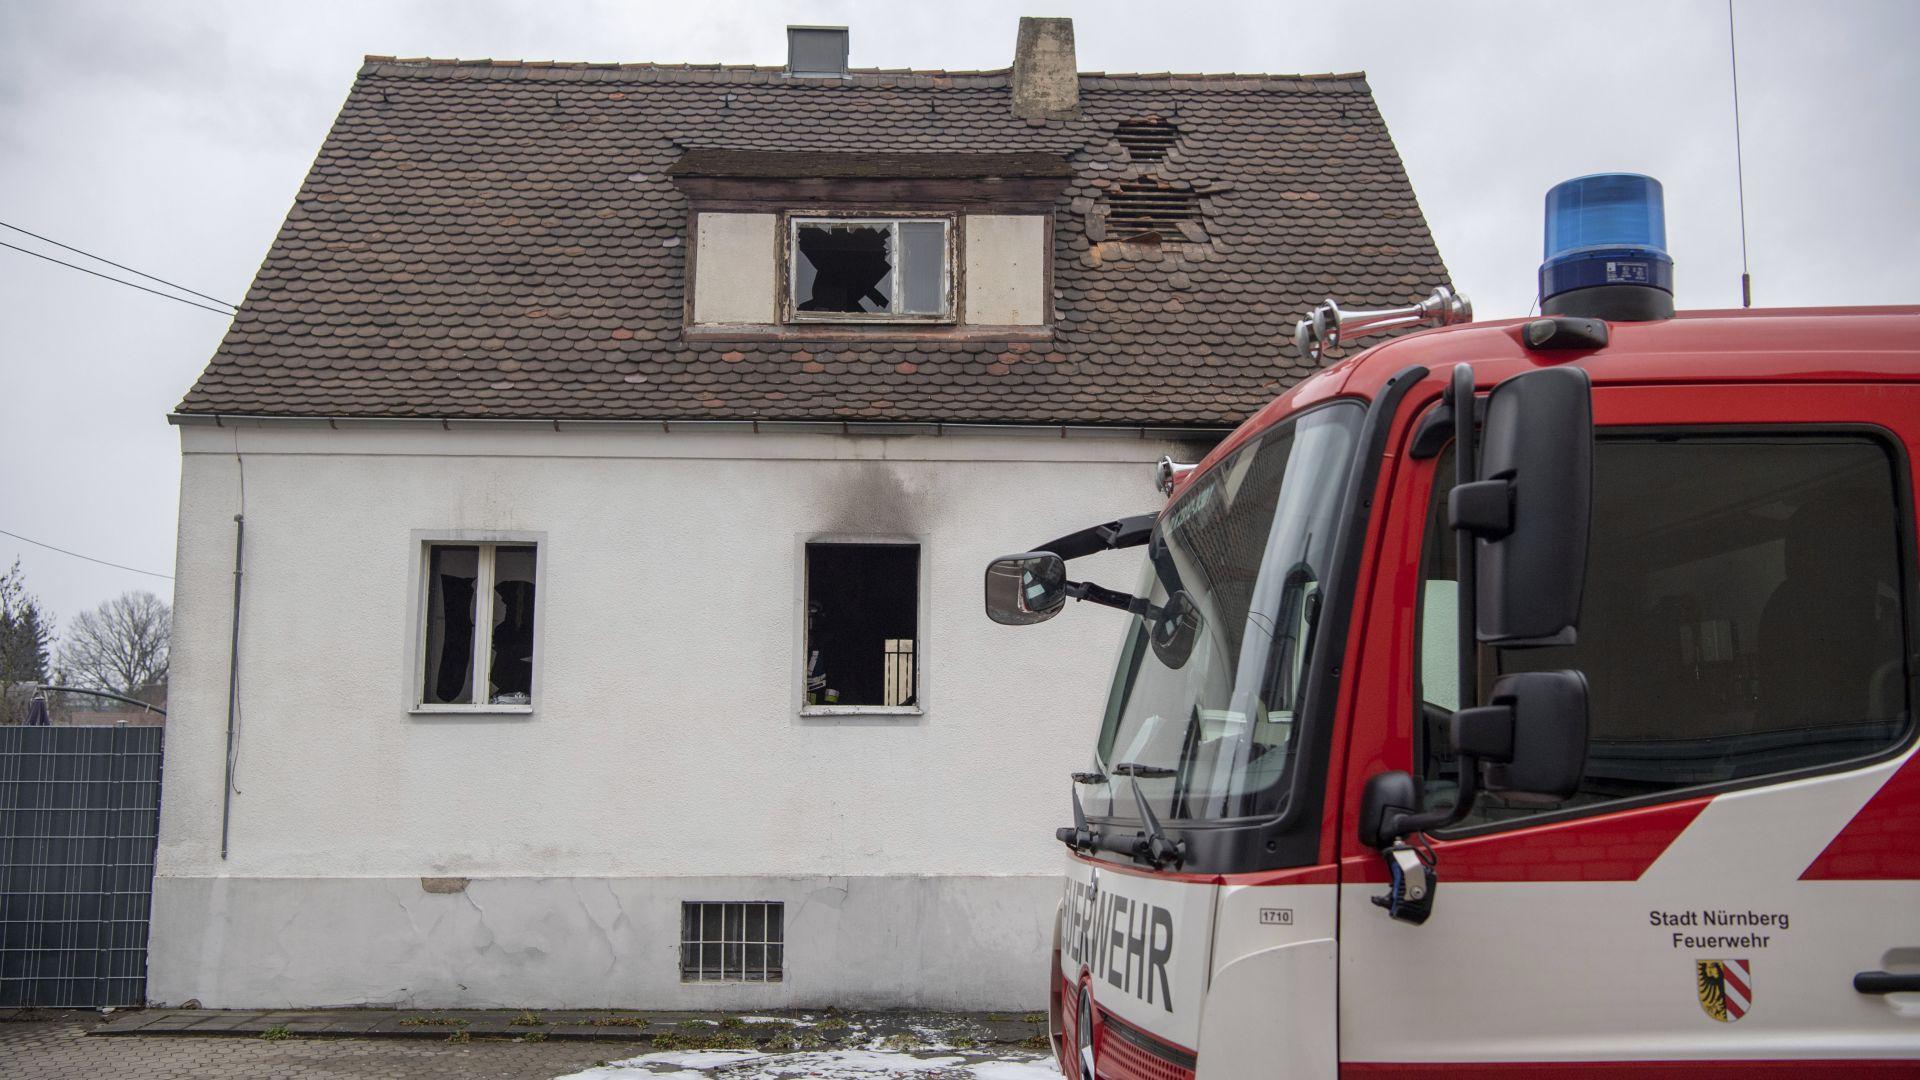 4 деца и жена загинаха при пожар в Нюрнберг